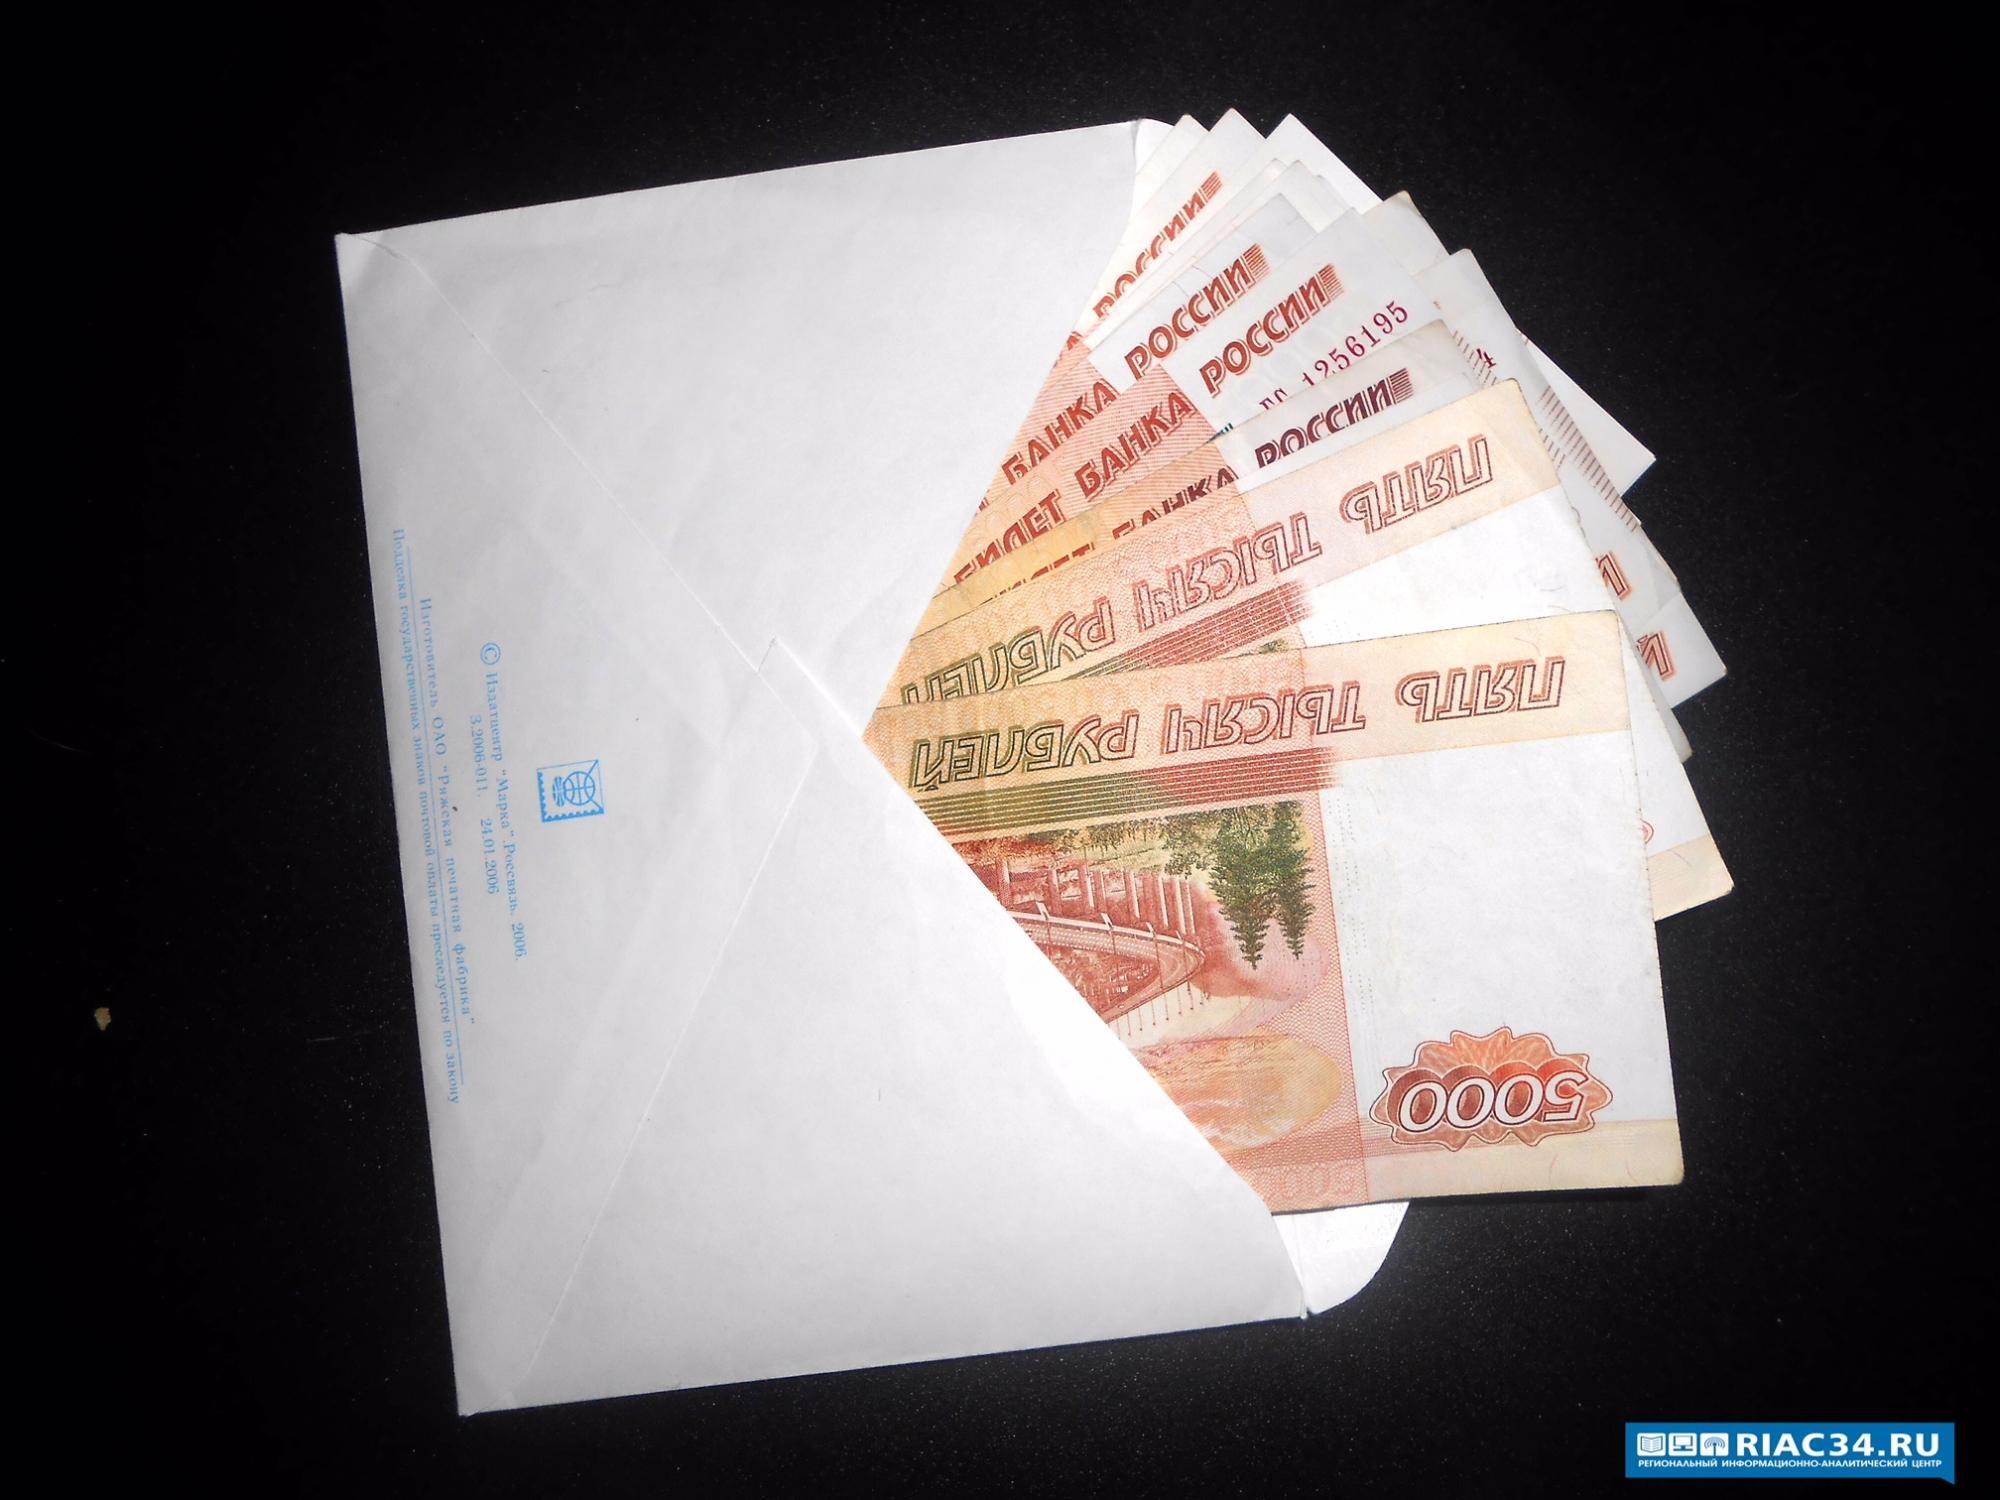 Волгоградец оплатил 55 тыс. руб. занарушение ПДД